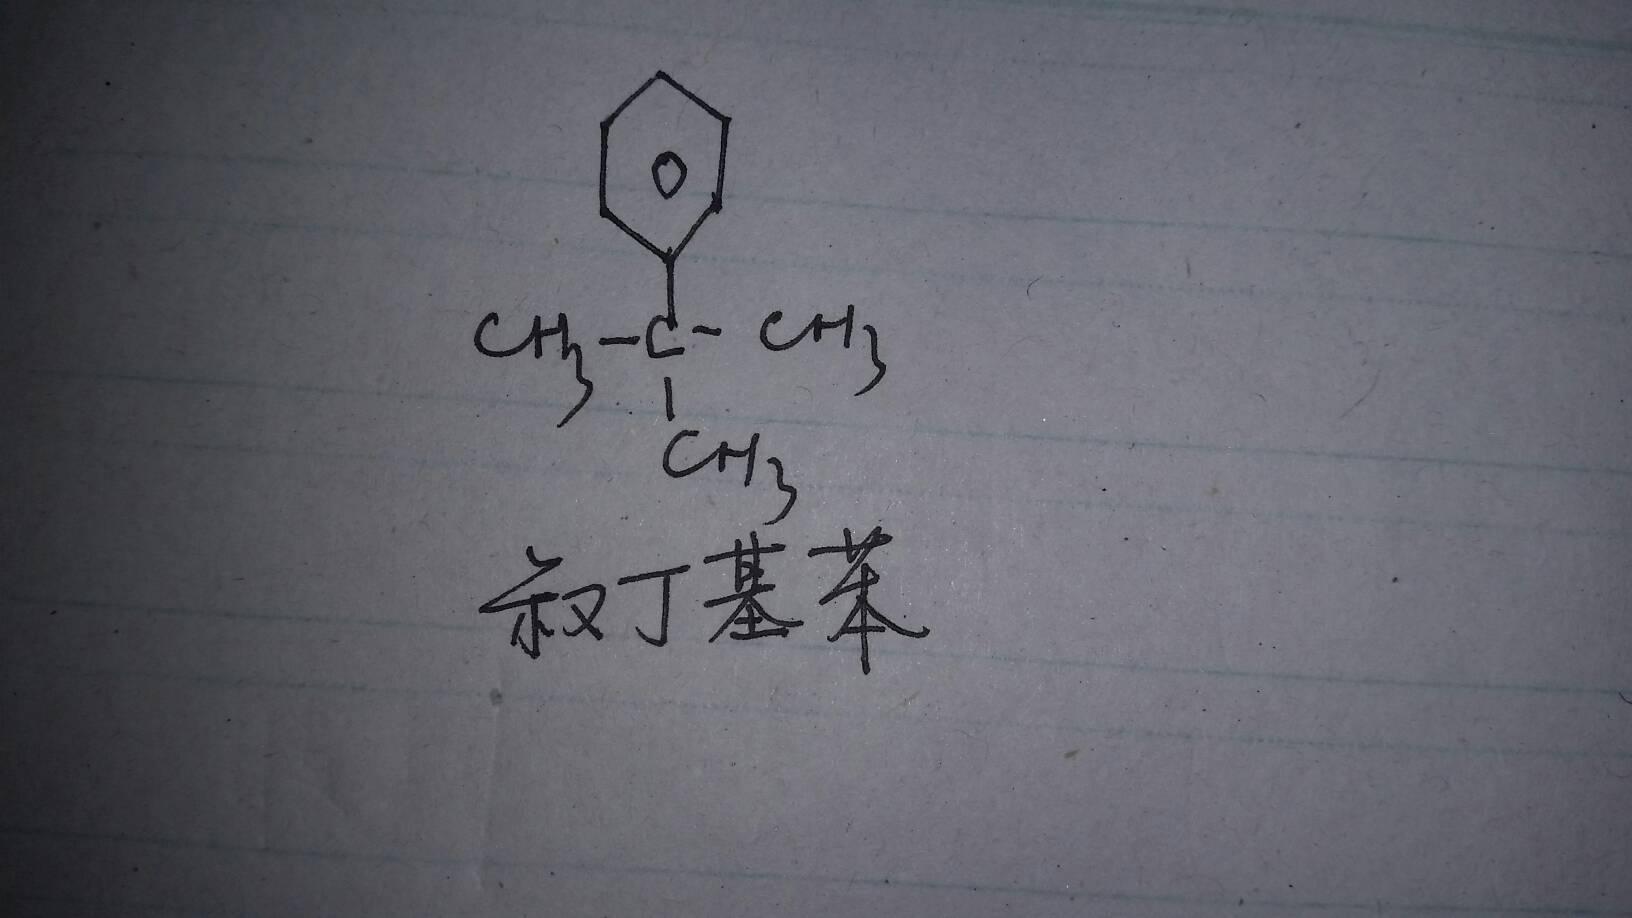 叔丁基苯分子结构式是什么